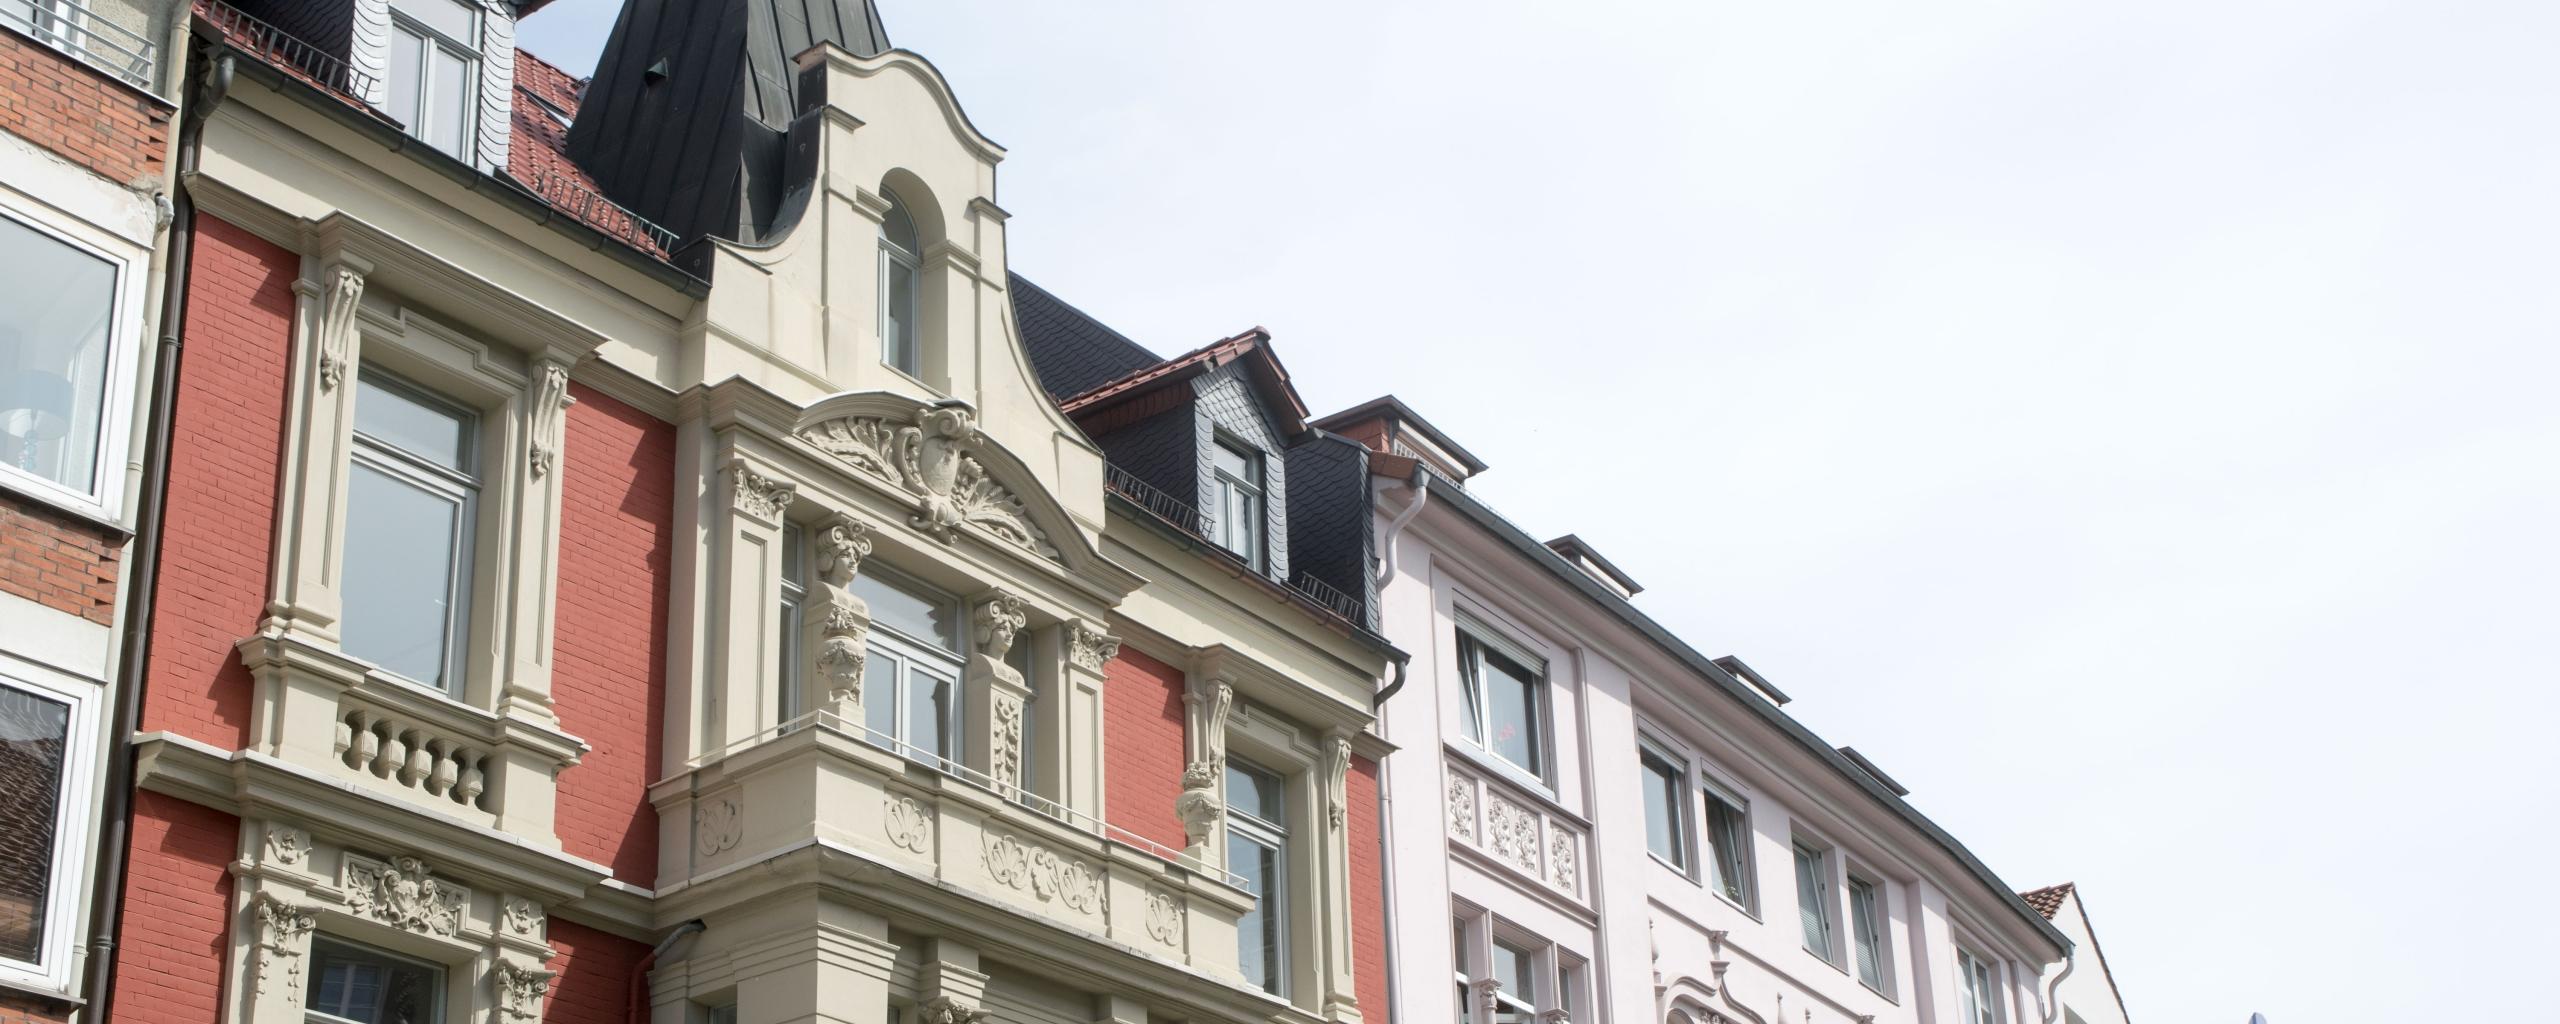 Häuserreihe in der begehrten Südstadt von Hannover. Erika Englitz hat ihren Firmensitz ganz in der Nähe und kennt den lokalen Markt sehr genau